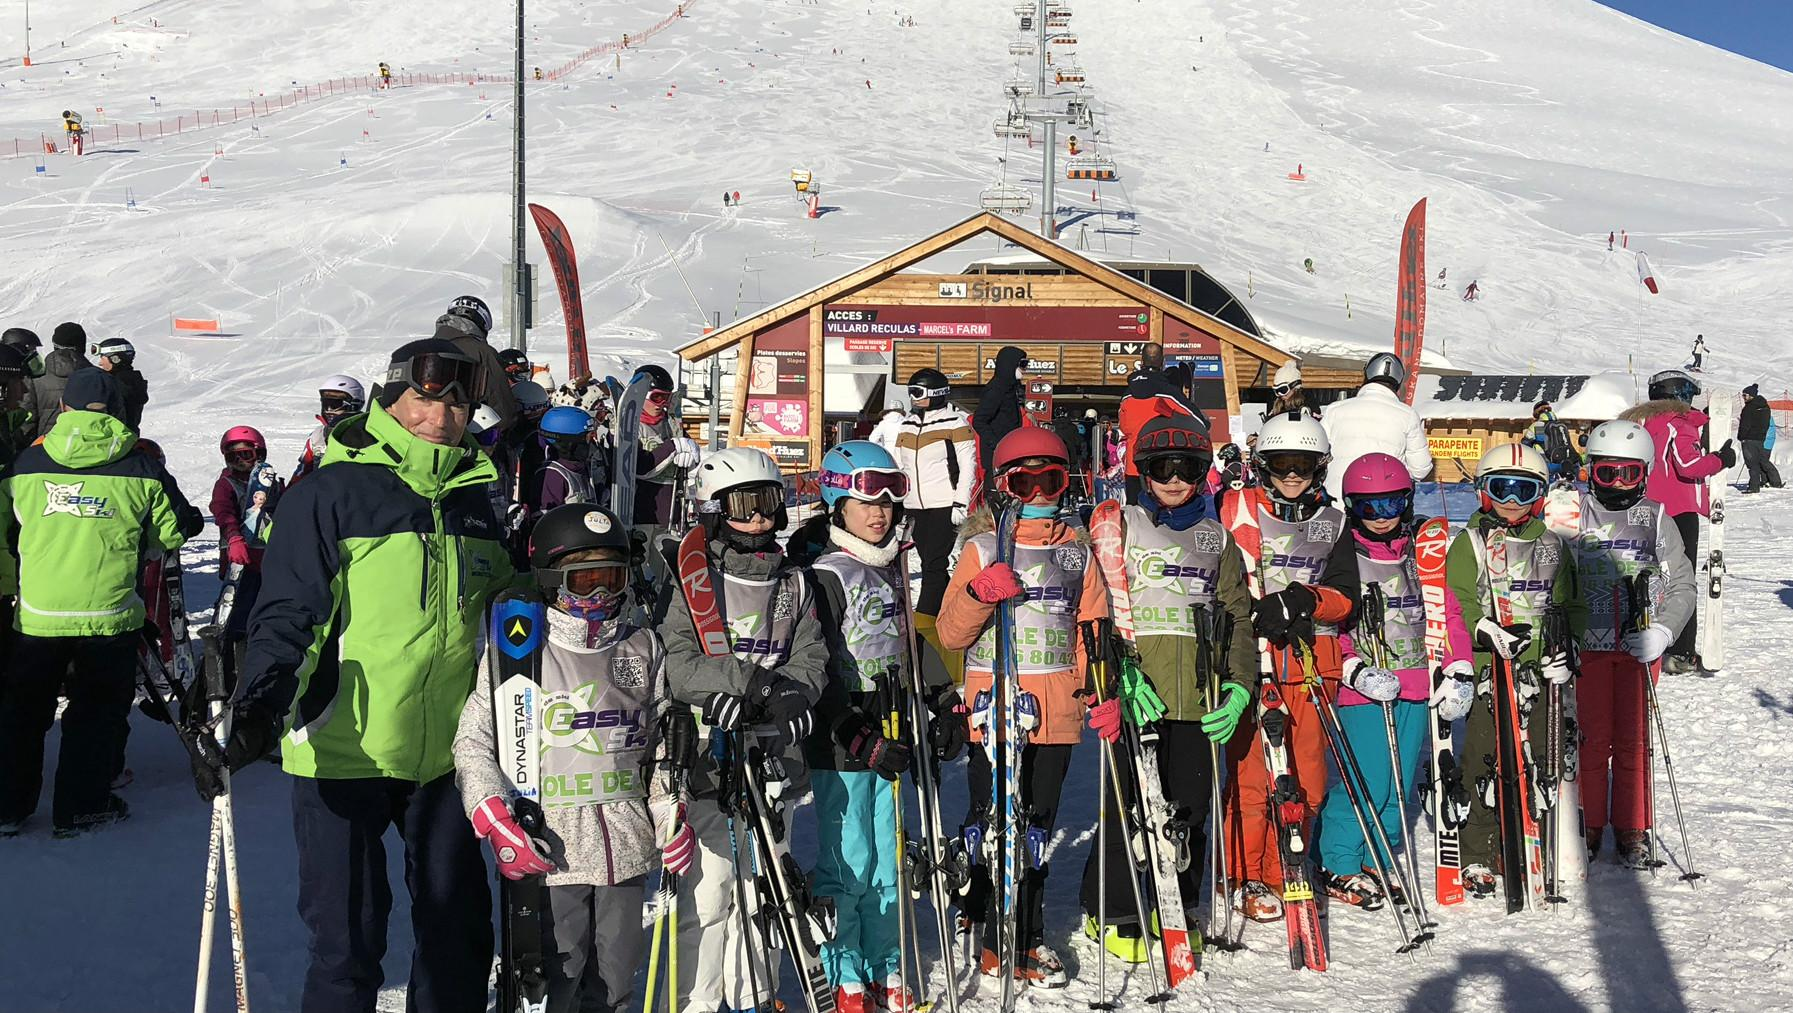 Cours de ski pour Enfants (4-13 ans) - Basse saison